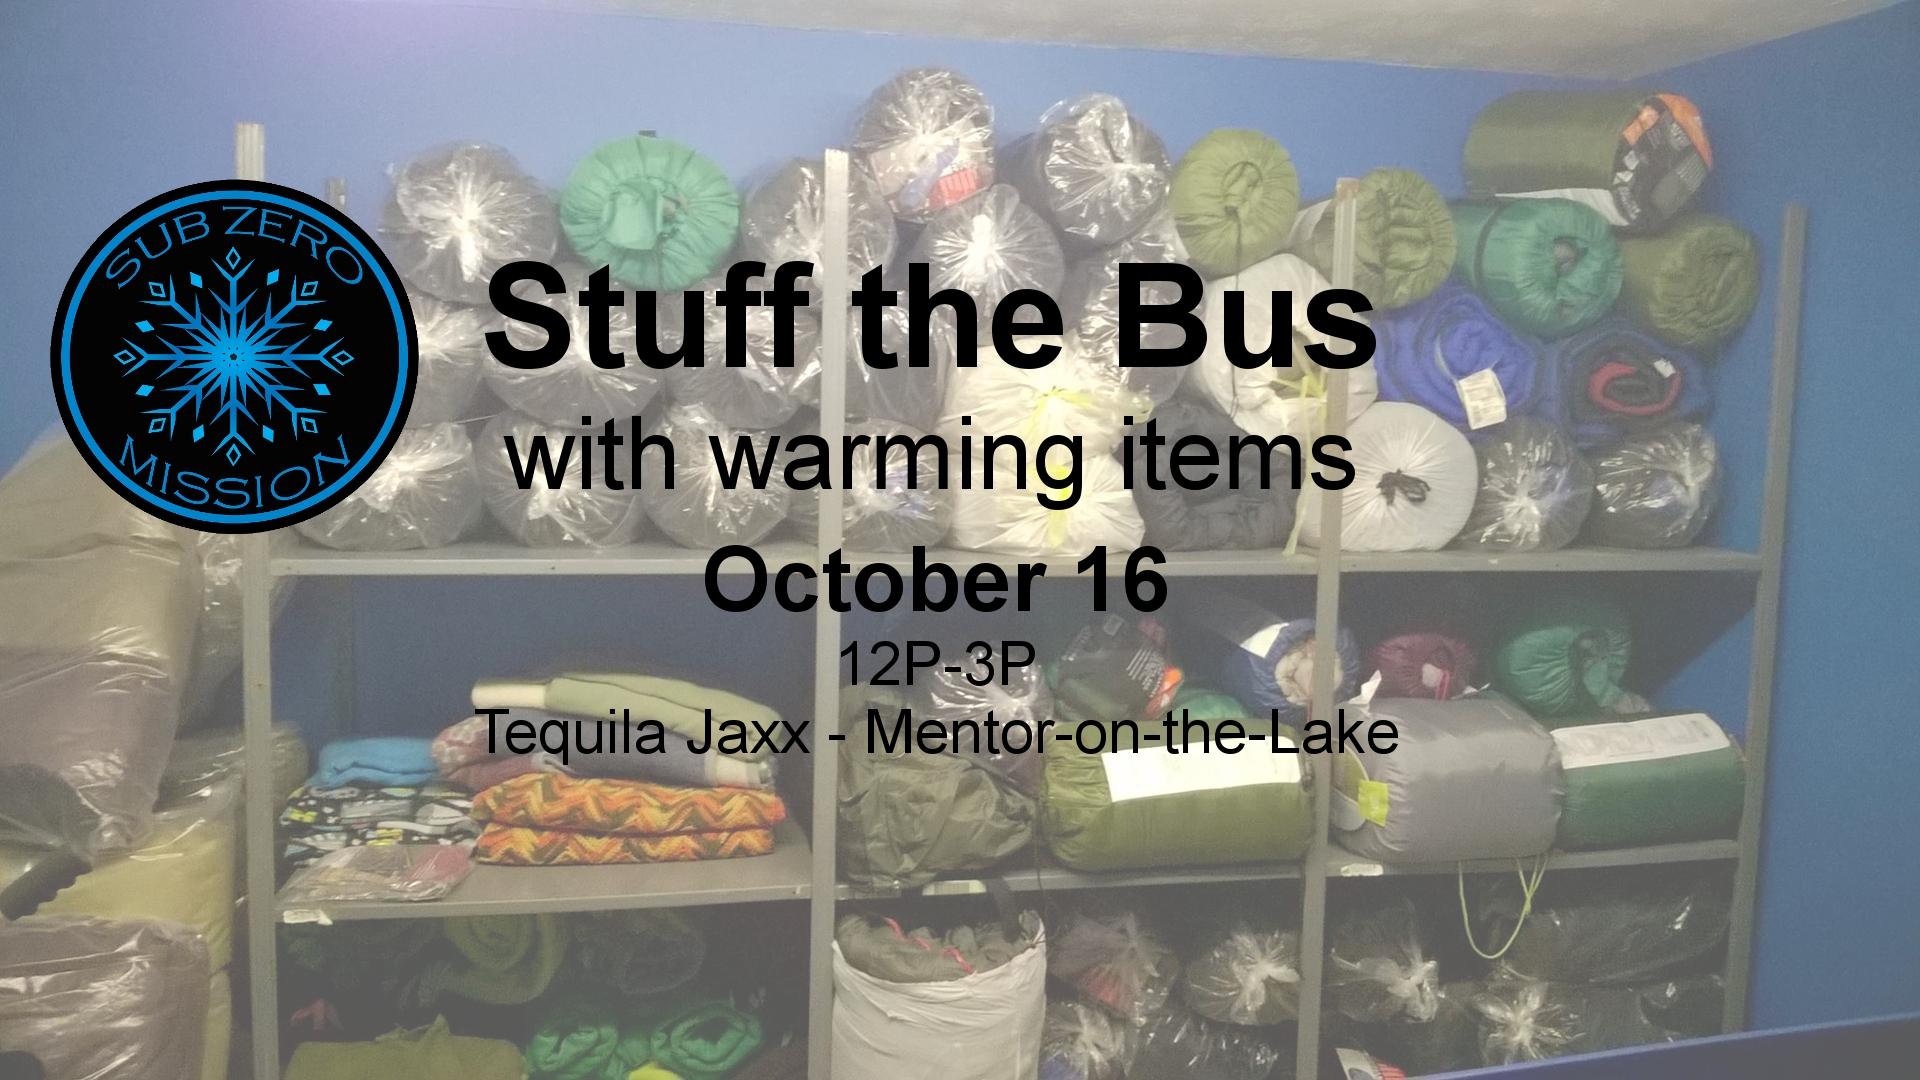 Stuff the Bus at Tequila Jaxx